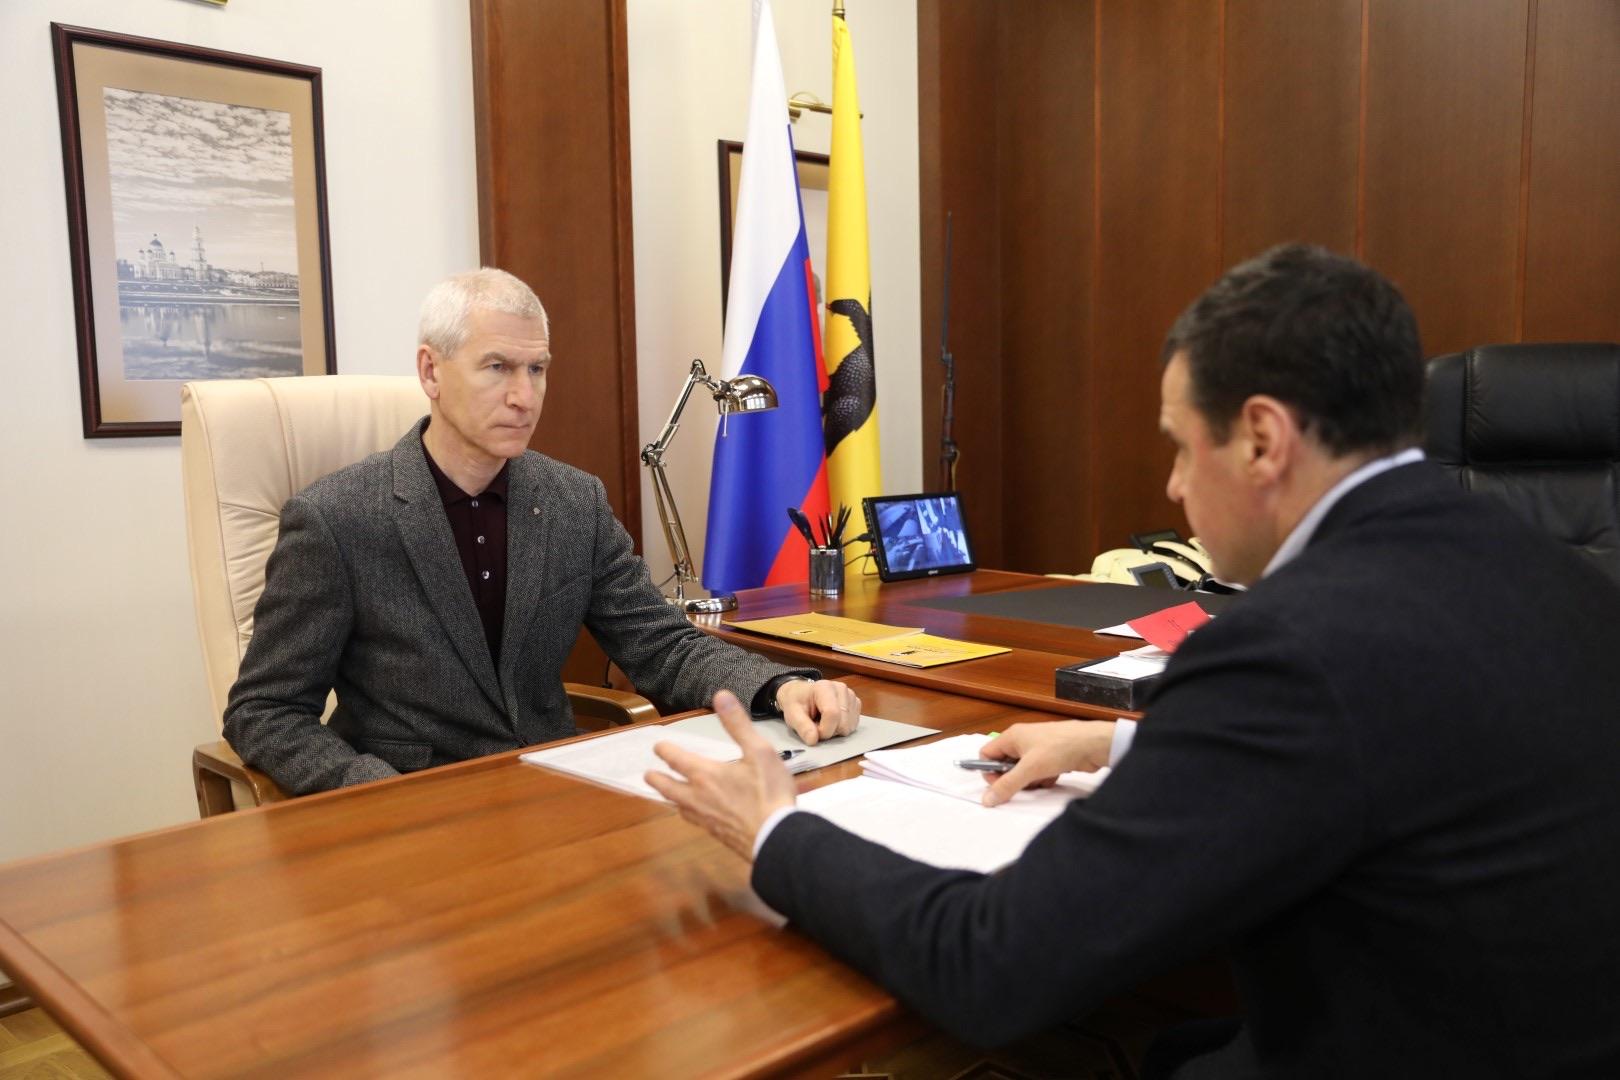 Дмитрий Миронов и Олег Матыцин обсудили перспективные направления совместной работы по развитию спорта